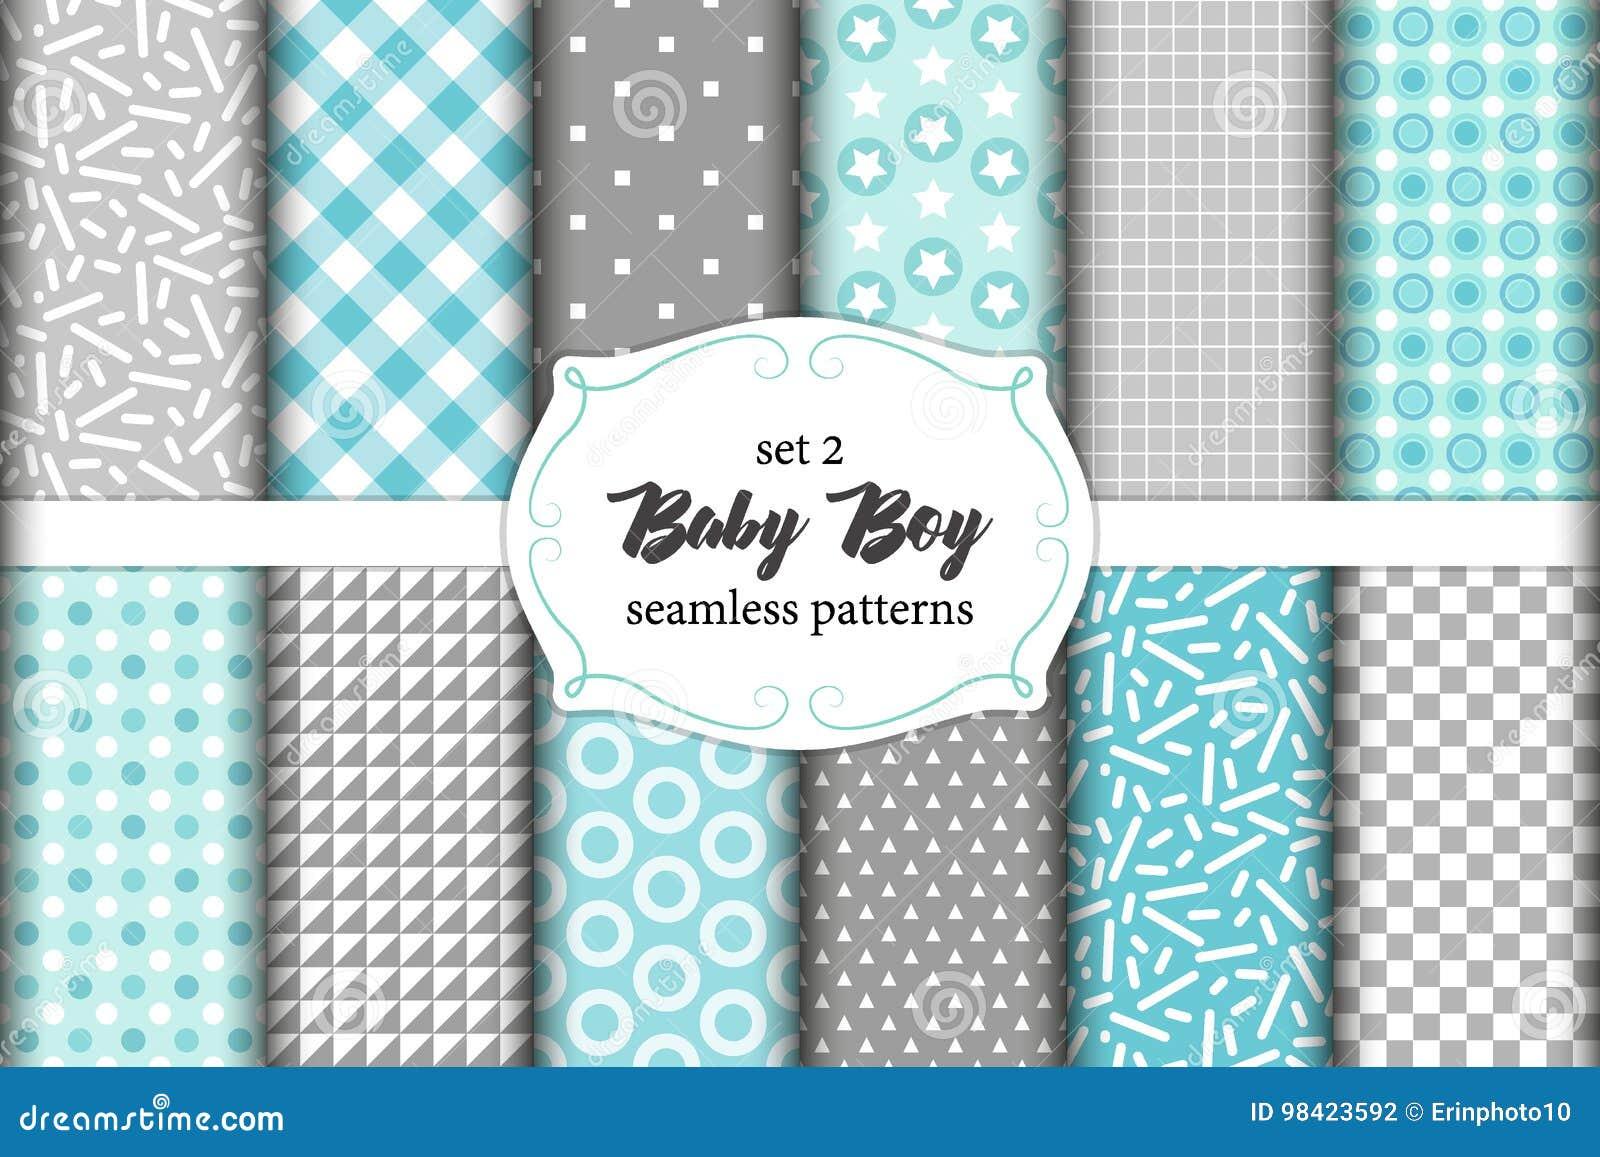 879b3eb423a16 Ensemble mignon de modèles sans couture de bébé garçon scandinave avec des  textures de tissu